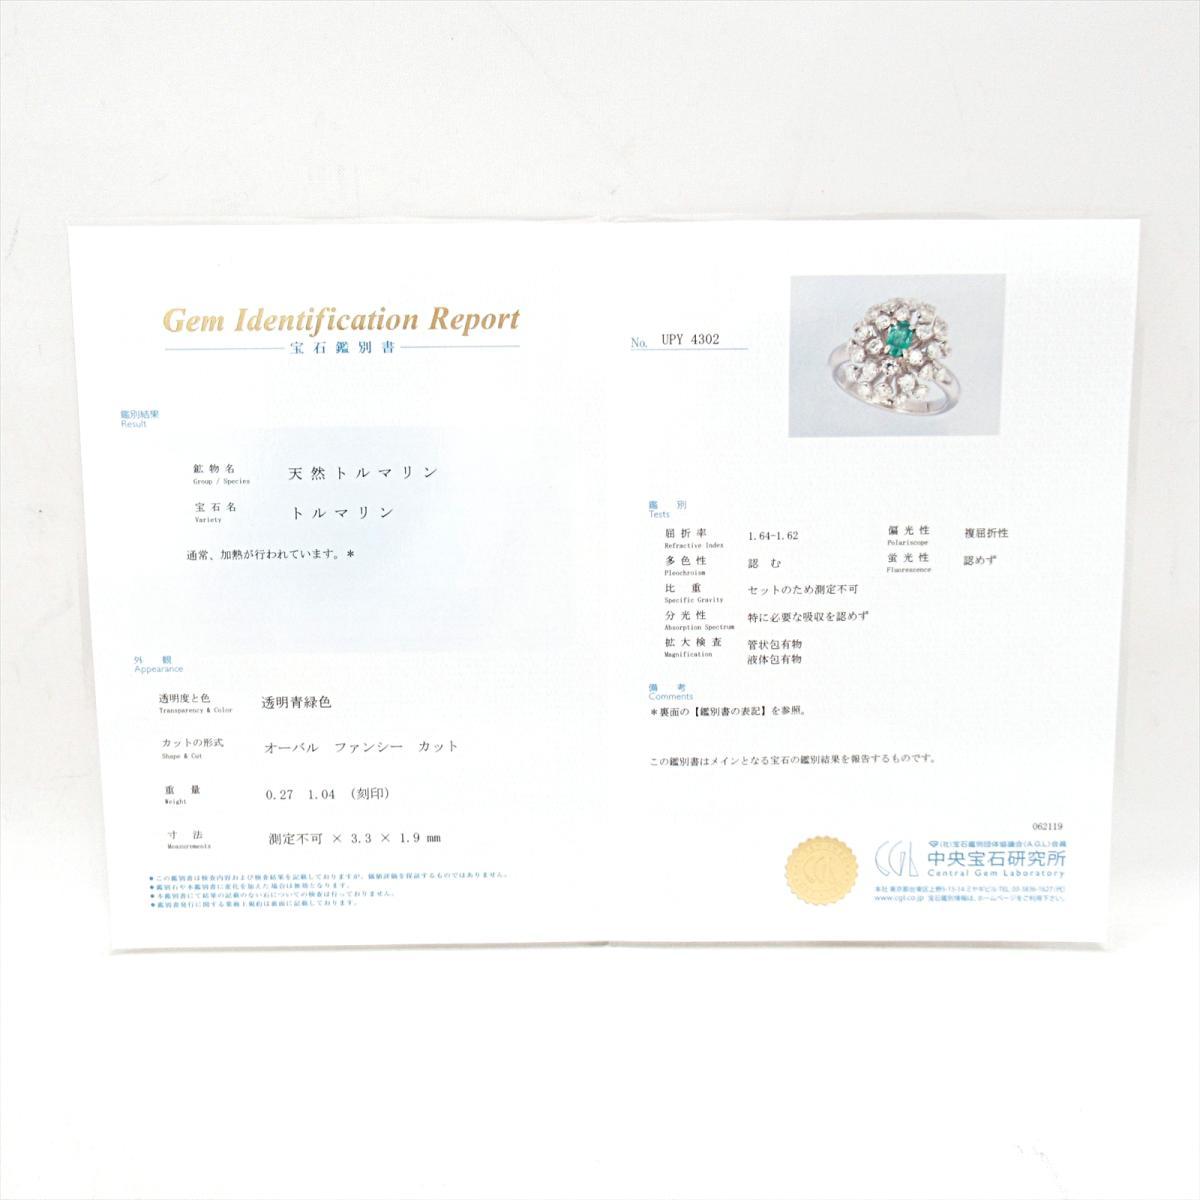 ジュエリー パライバトルマリンリング 指輪 レディース PT900 プラチナ x パライバトルマリン0 27ctダイヤモンド1 04ctJEWELRY BRANDOFF ブランドオフ ブランド アクセサリー リングJKFl1cT